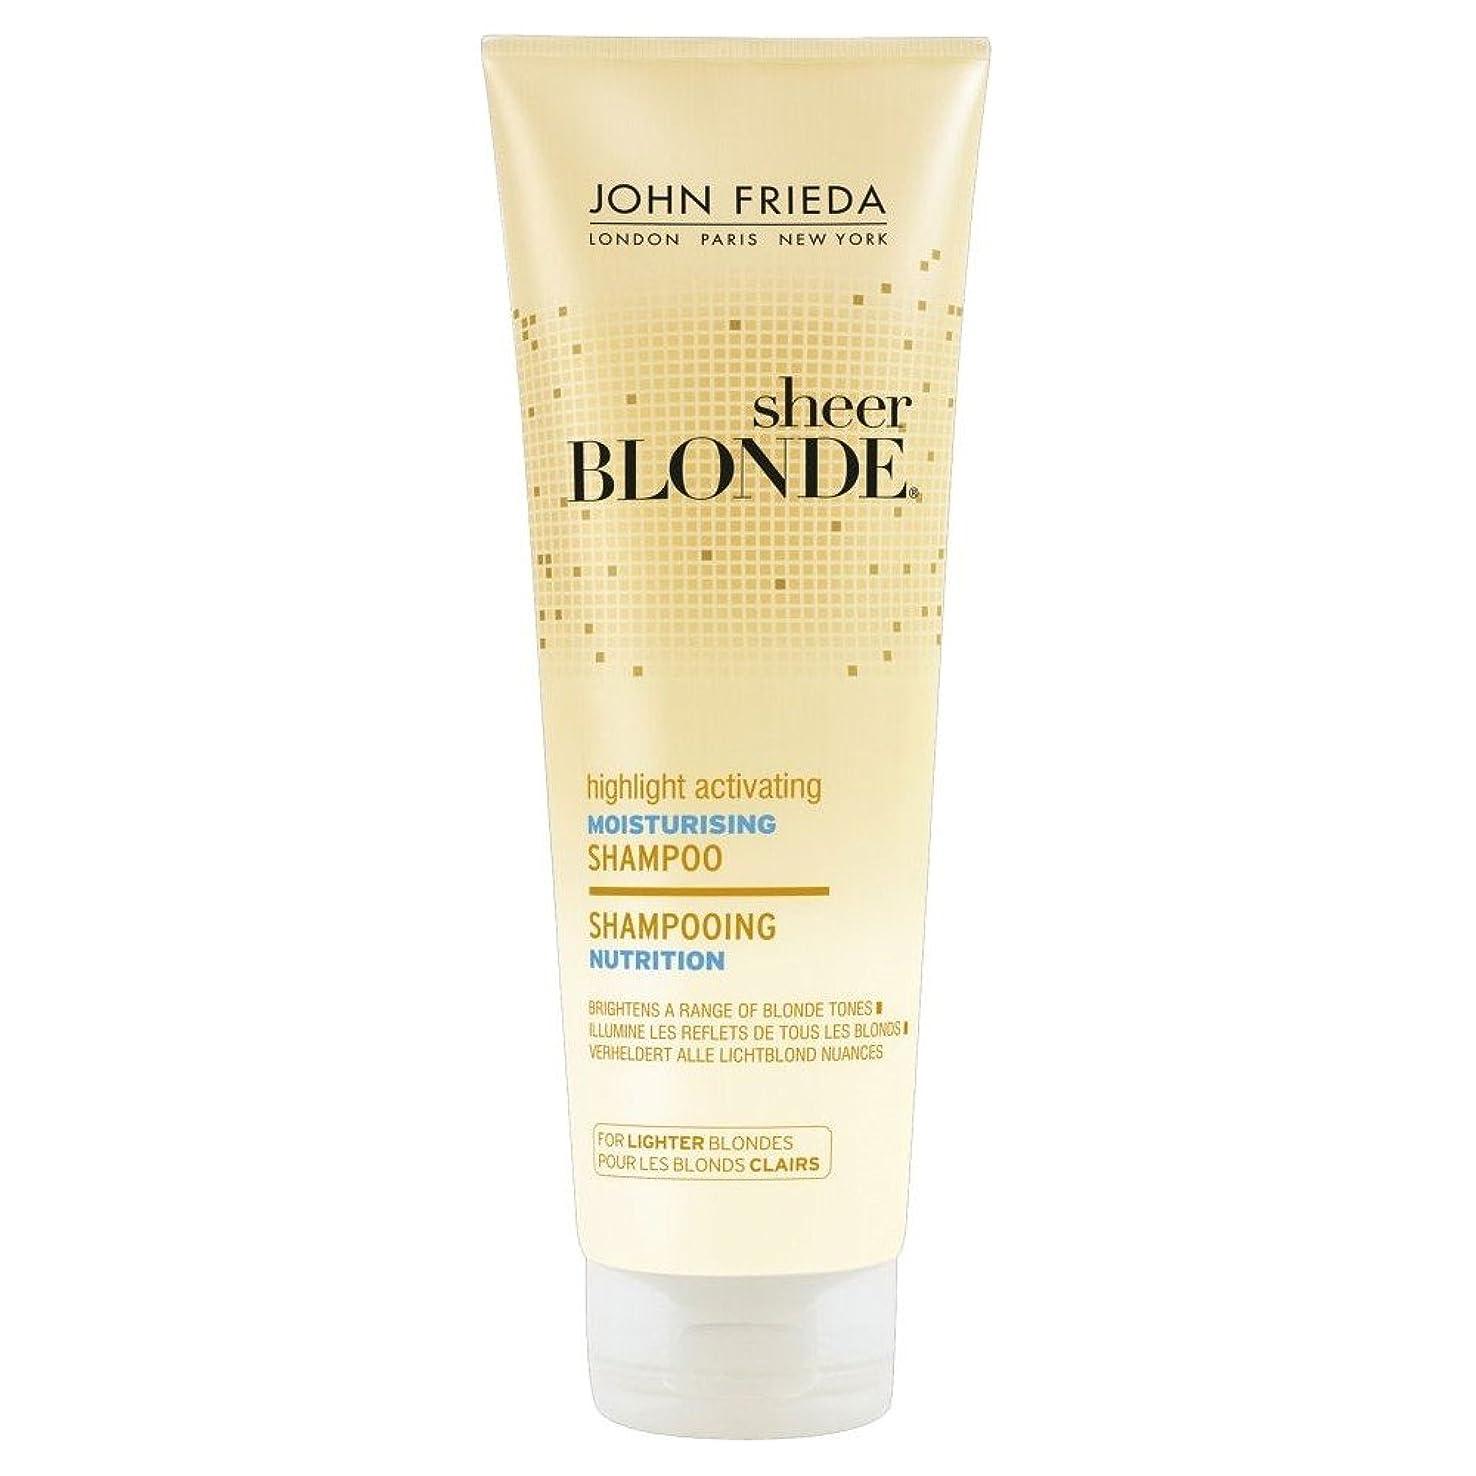 約束する申し立てみがきますJohn Frieda Sheer Blonde Moisturising Shampoo - for Lighter Blondes (250ml) ジョン?フリーダ薄手のブロンドの保湿シャンプー - 軽いブロンド用( 250ミリリットル) [並行輸入品]